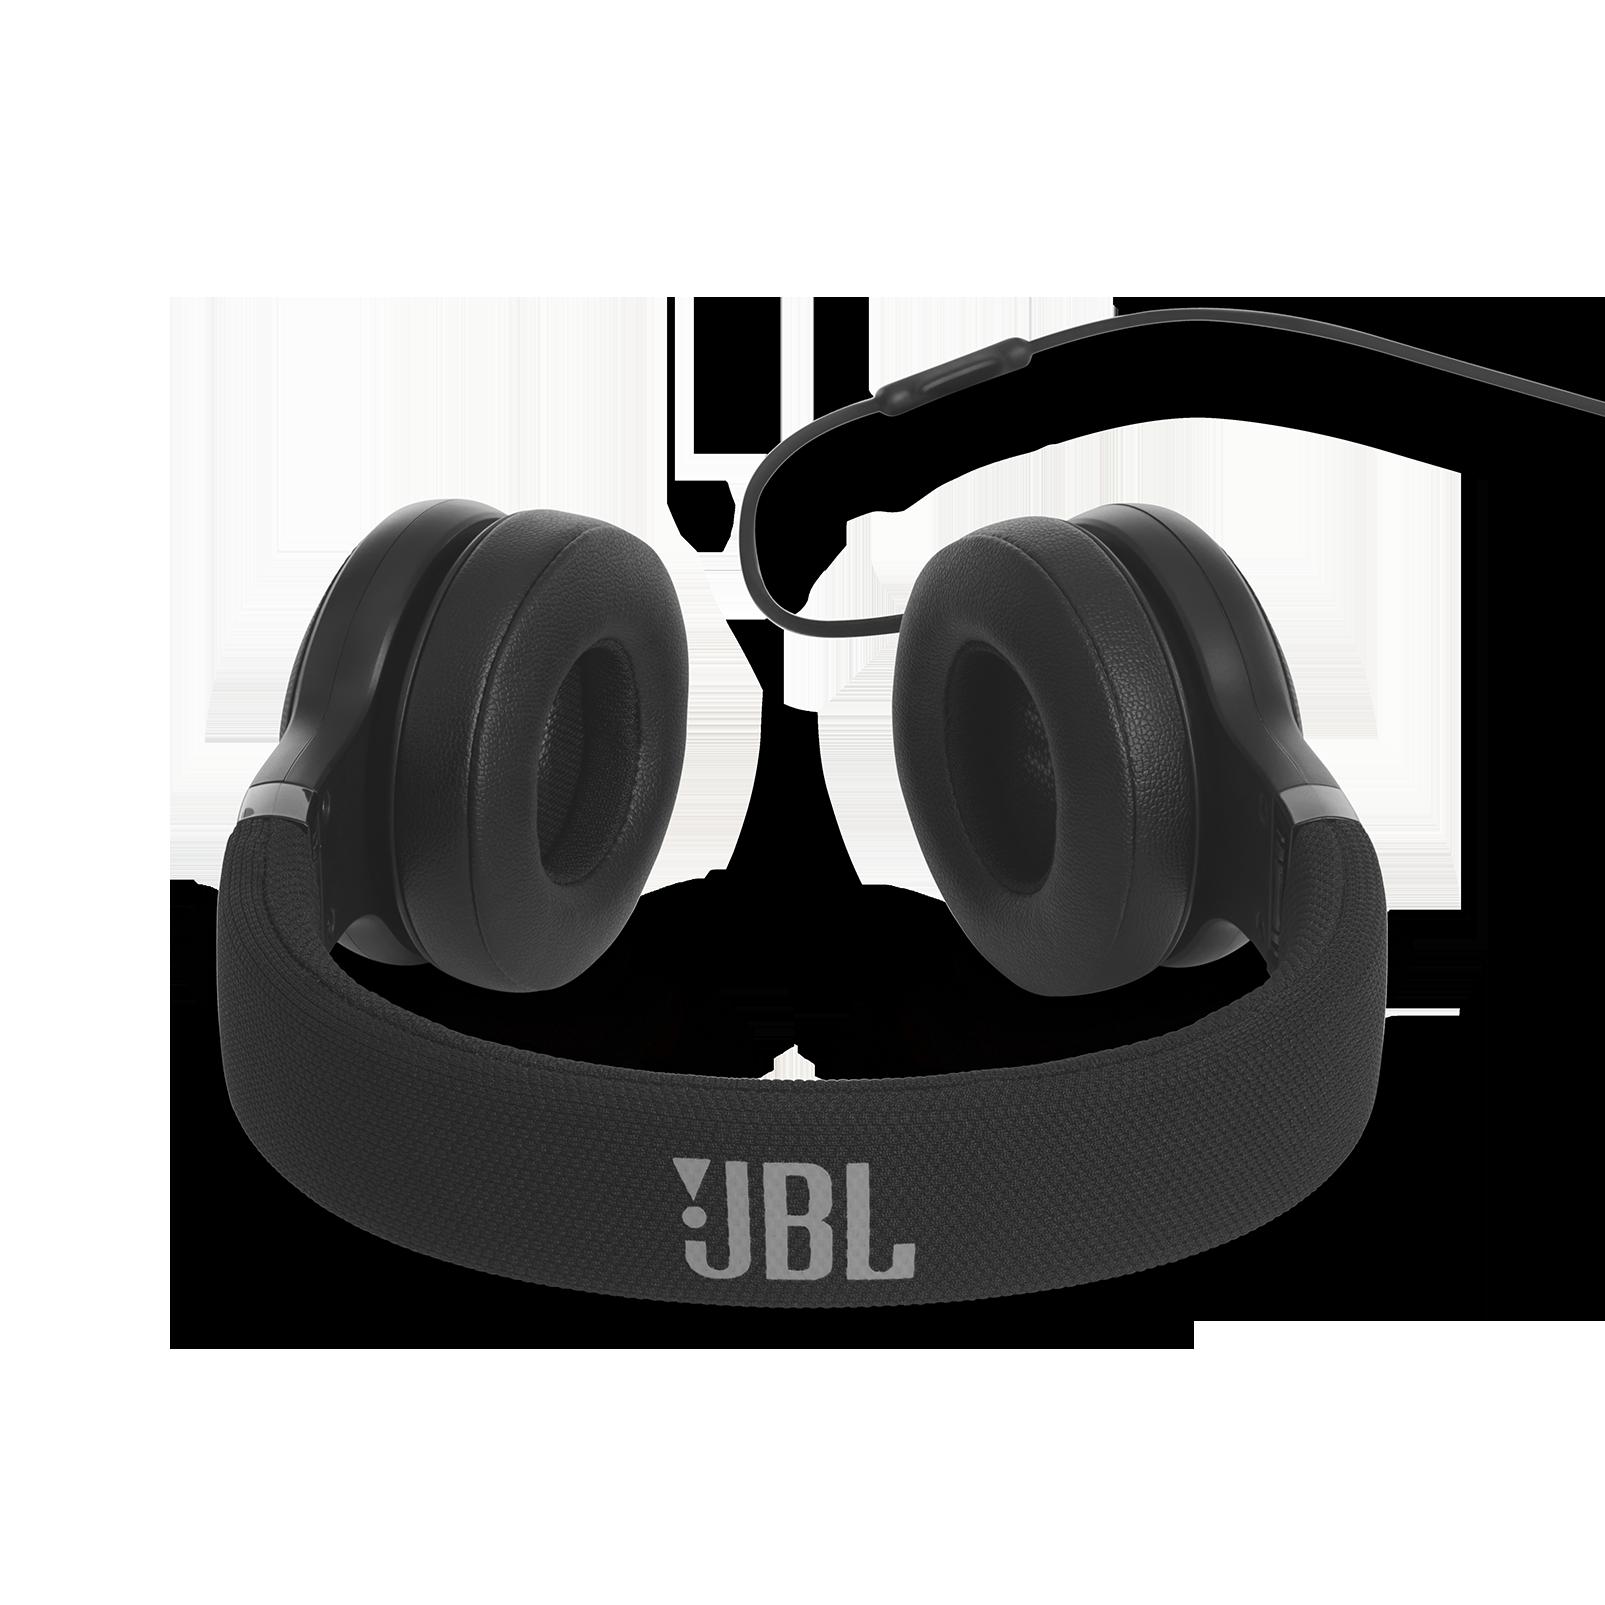 E35 - Black - On-ear headphones - Detailshot 4